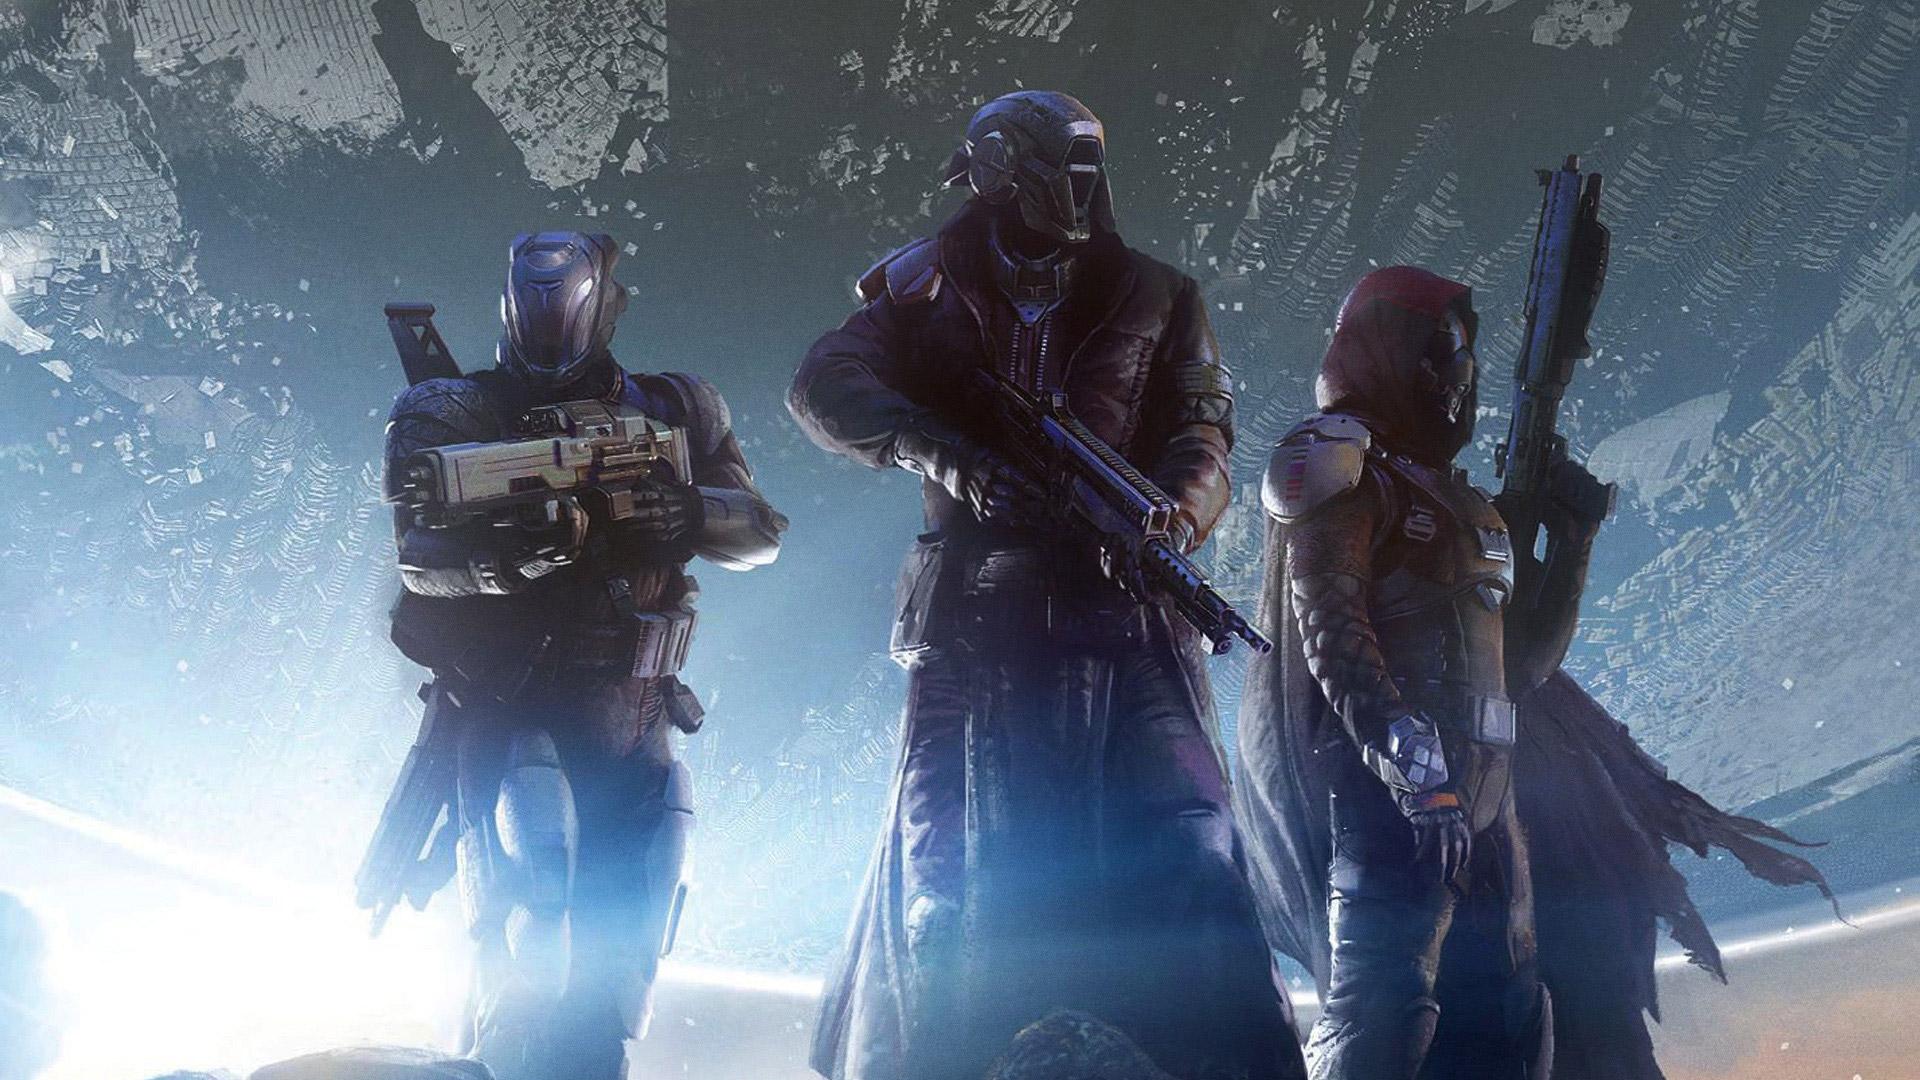 Destiny wallpaper 16